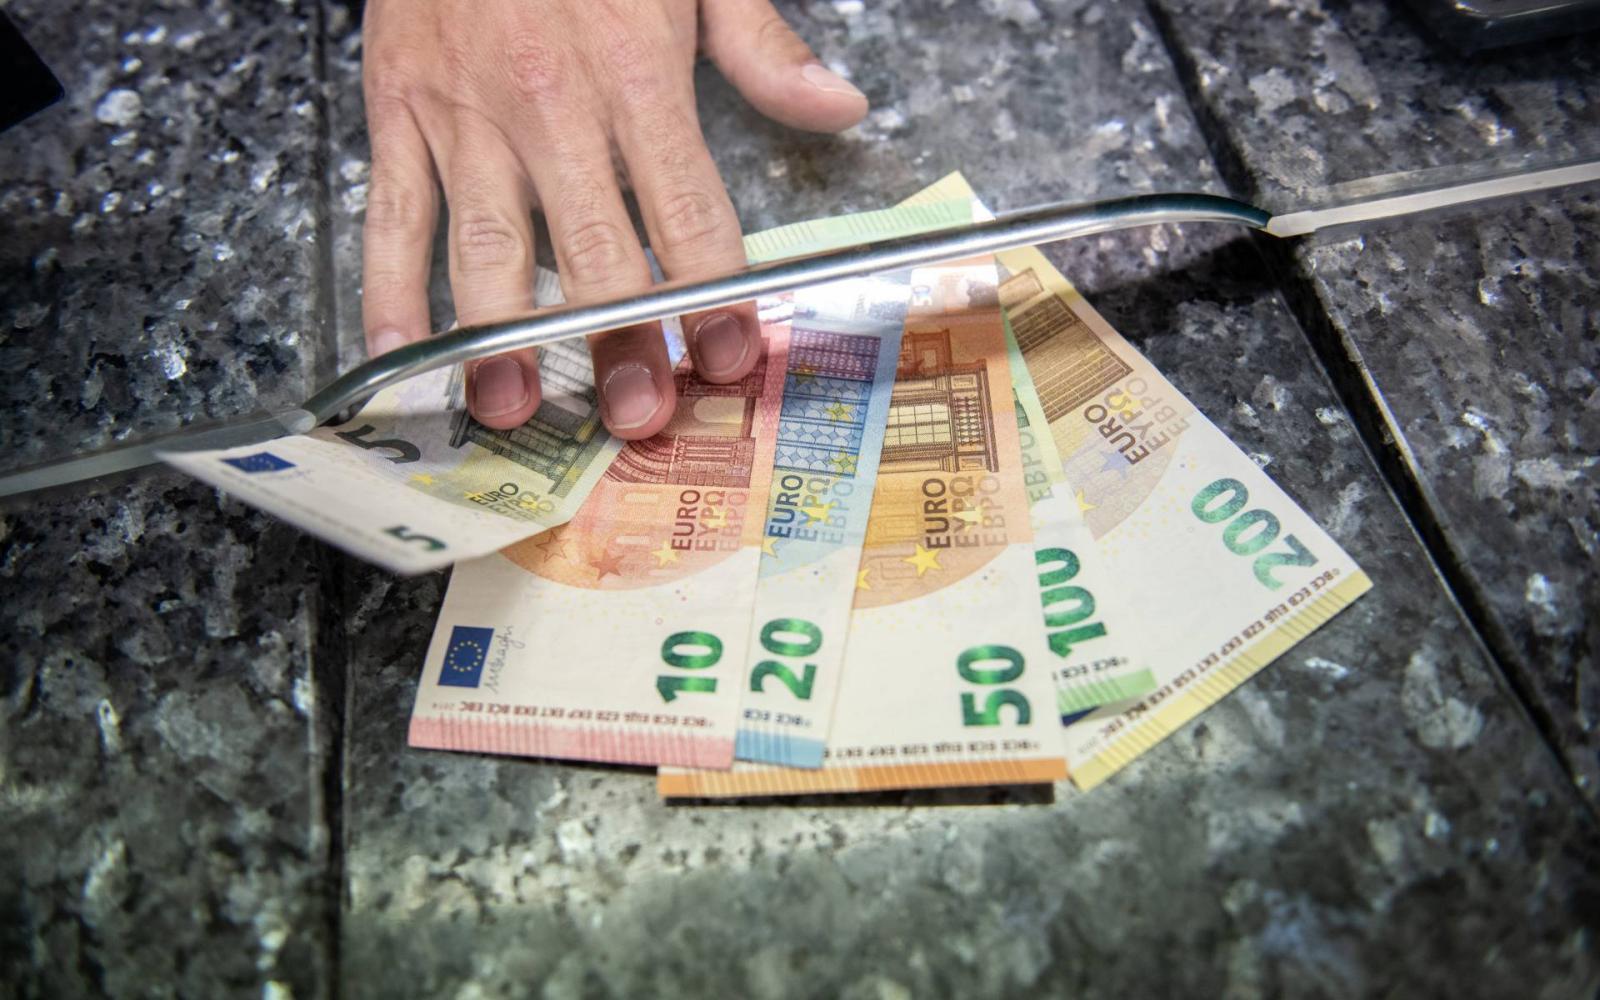 munka otthonról 400 euró hogyan kell túlhúzni egy számlát a bináris opciókkal